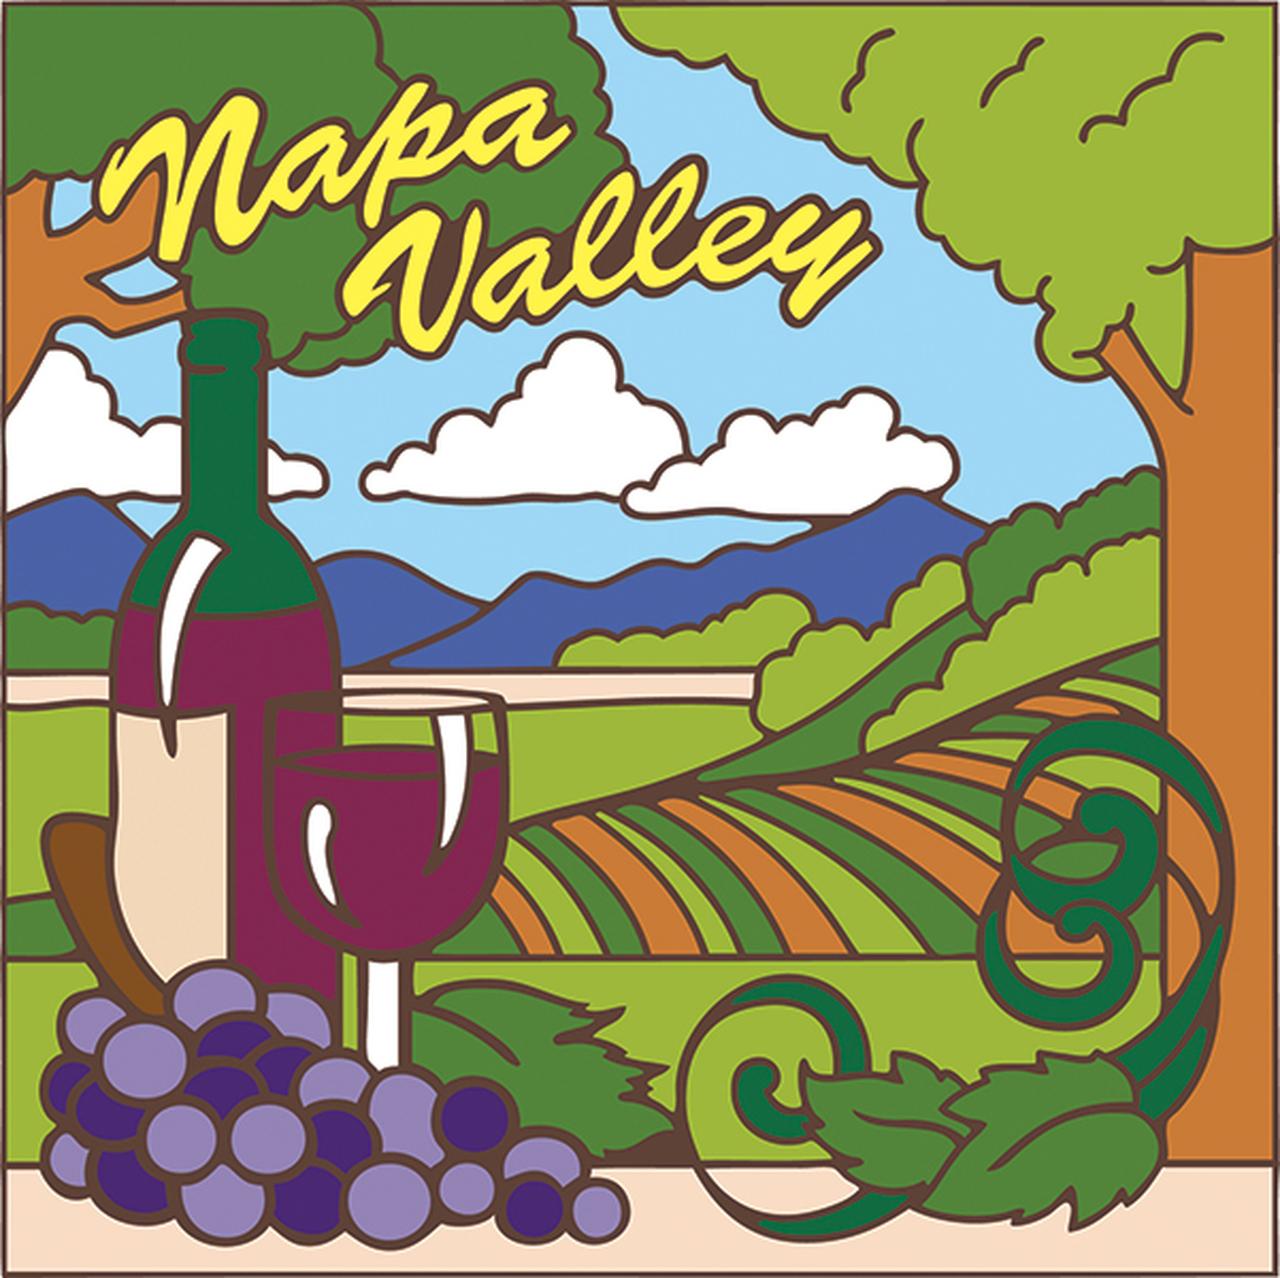 Napa valley clipart